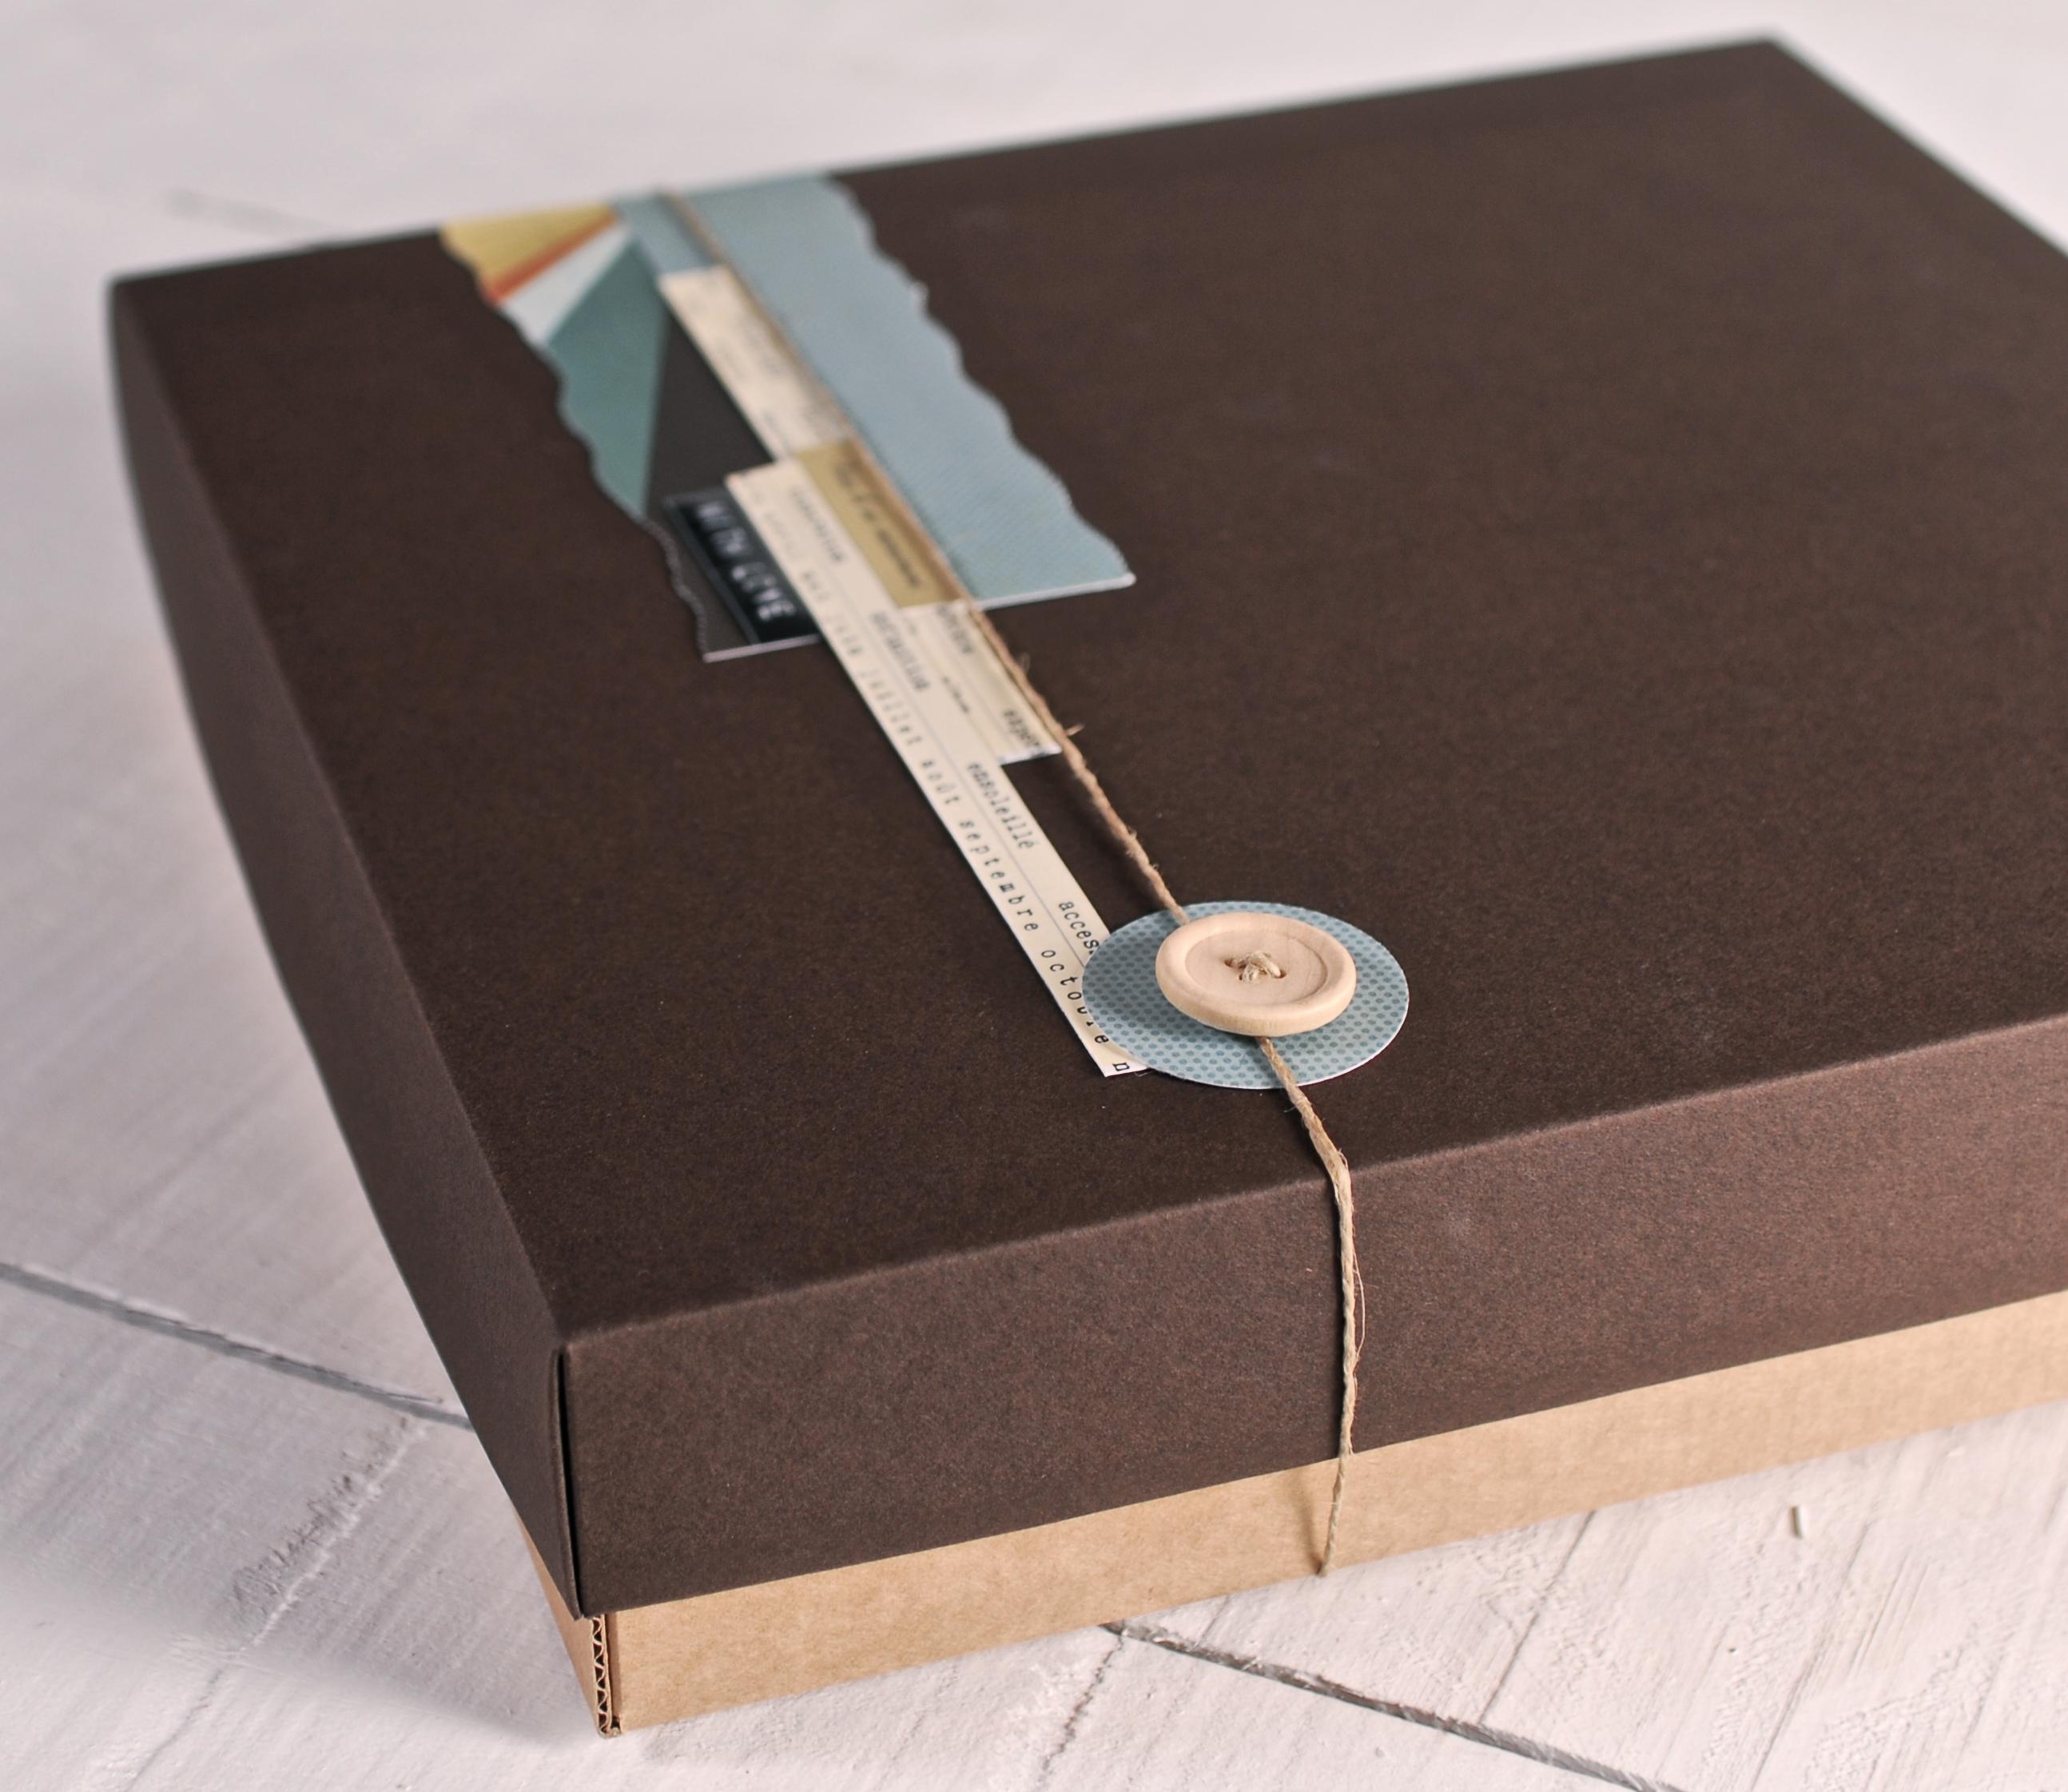 Cajas Para Lbumes De Fotos ~ Cajas De Carton Decorativas Grandes